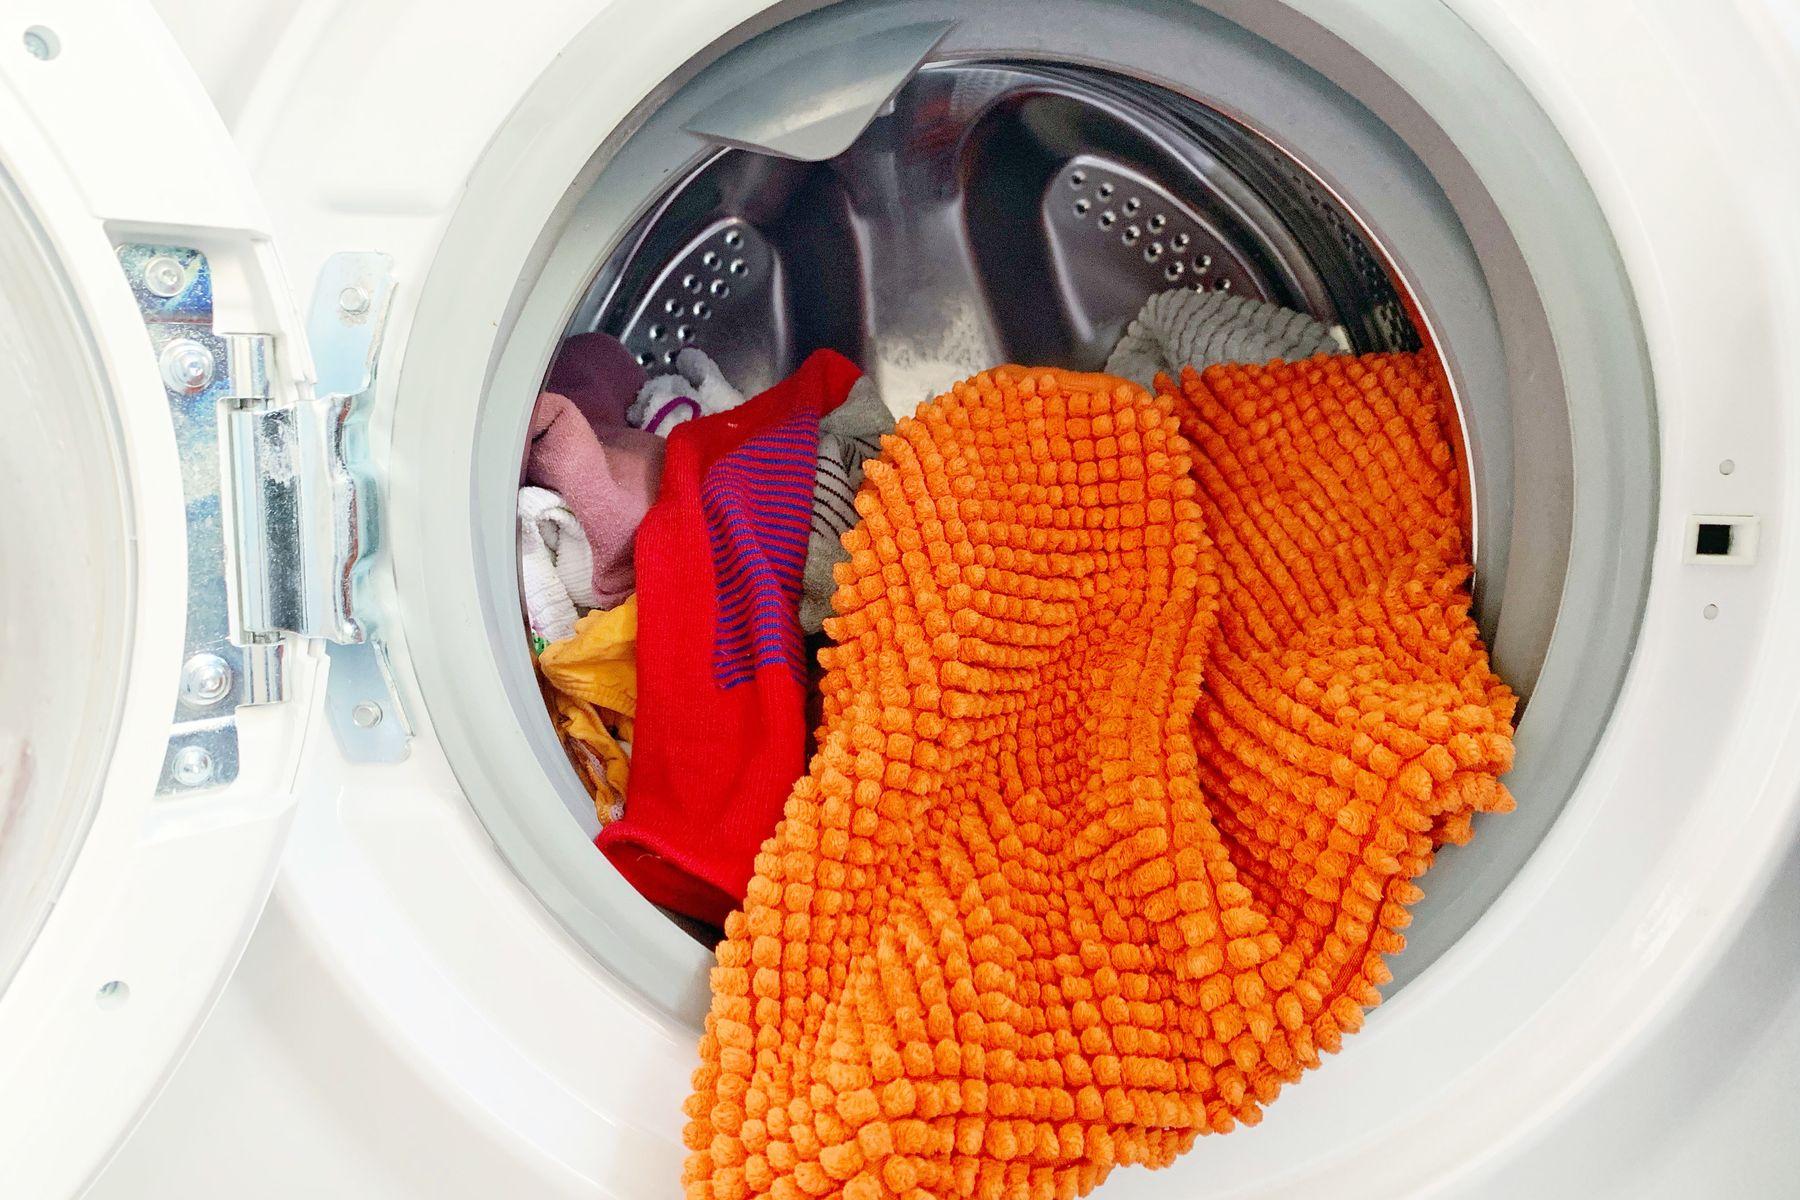 Roupas coloridas na máquina de lavar